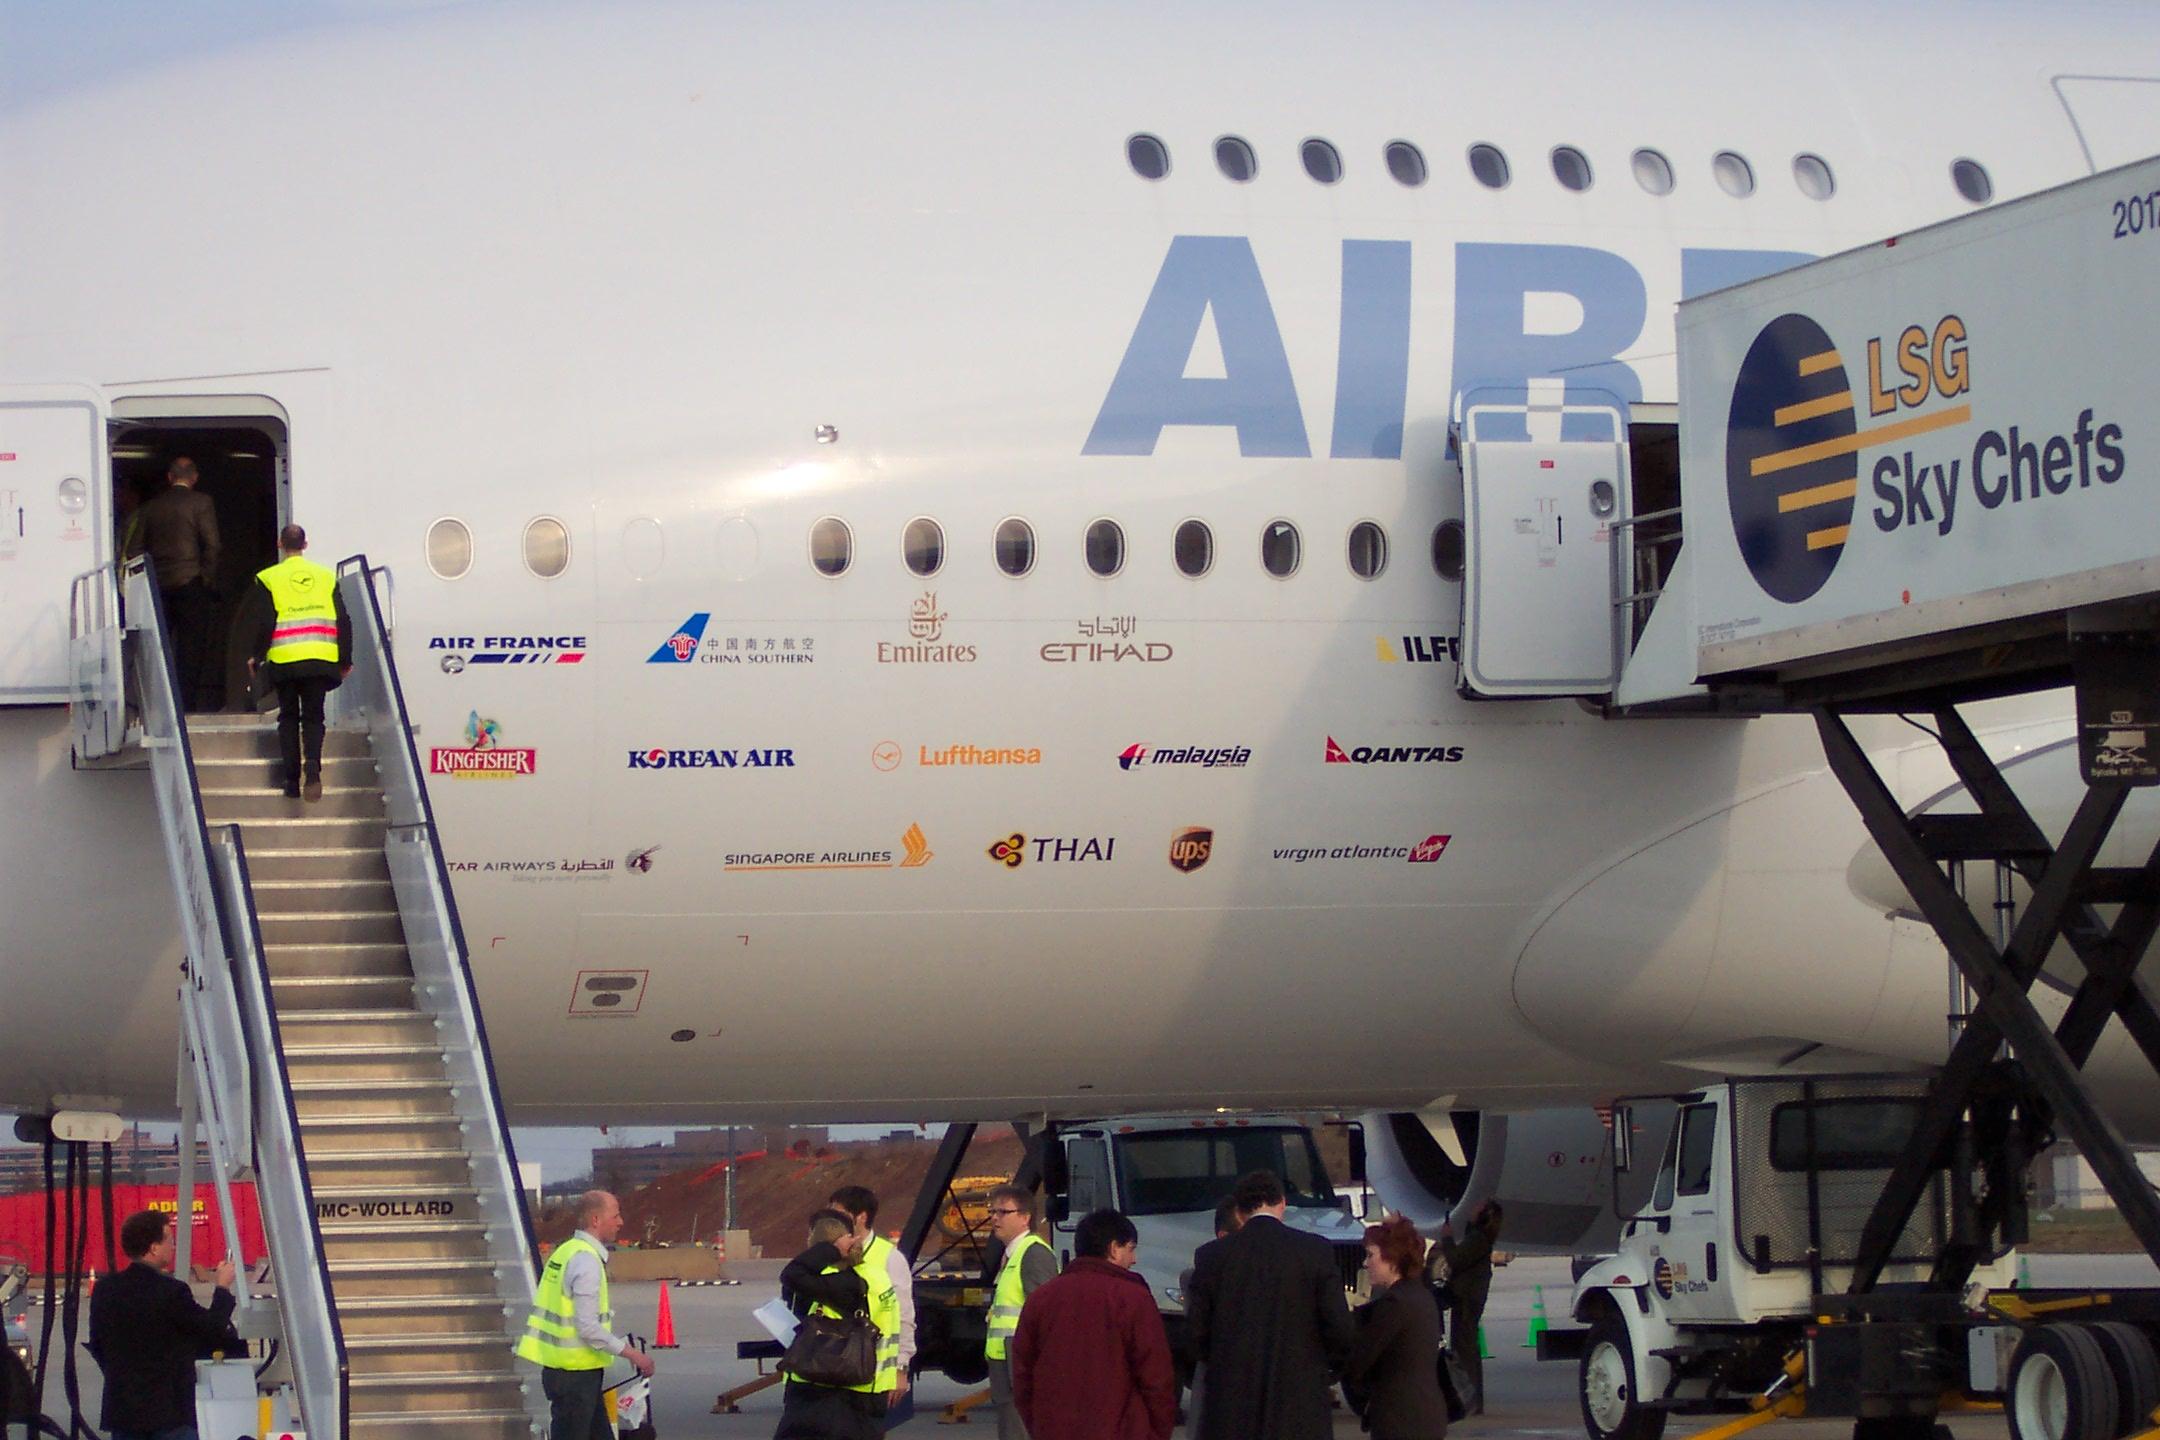 http://www-personal.umich.edu/~cortneyr/A380/A380_11.jpg